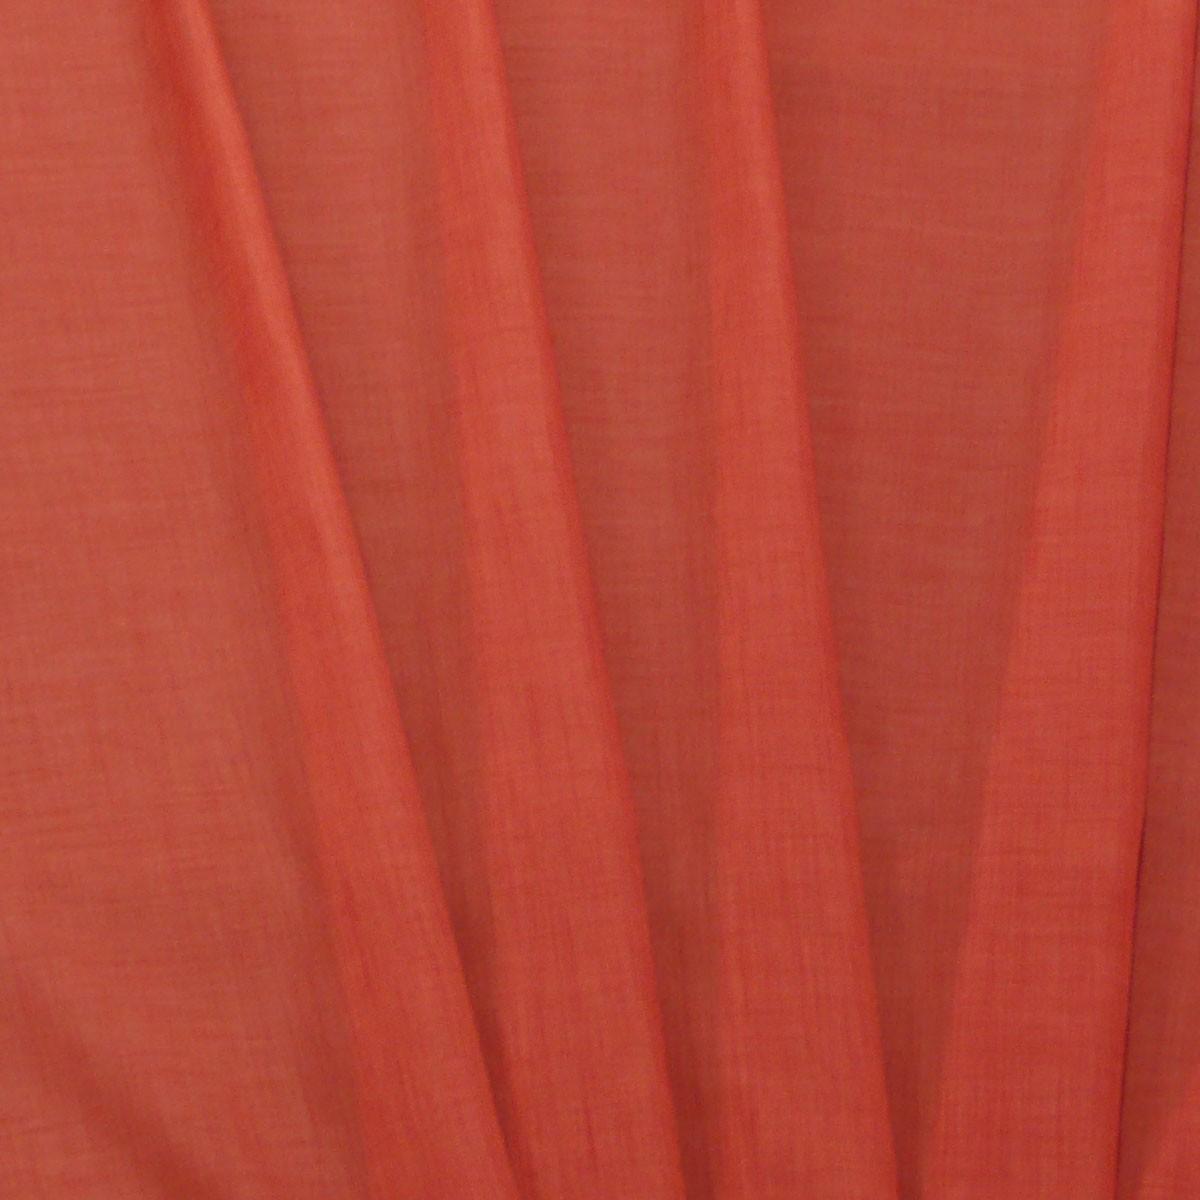 gardinen stoff meterware ambiente leinenoptik terrakotta 150cm breite alle stoffe wohnstoffe. Black Bedroom Furniture Sets. Home Design Ideas